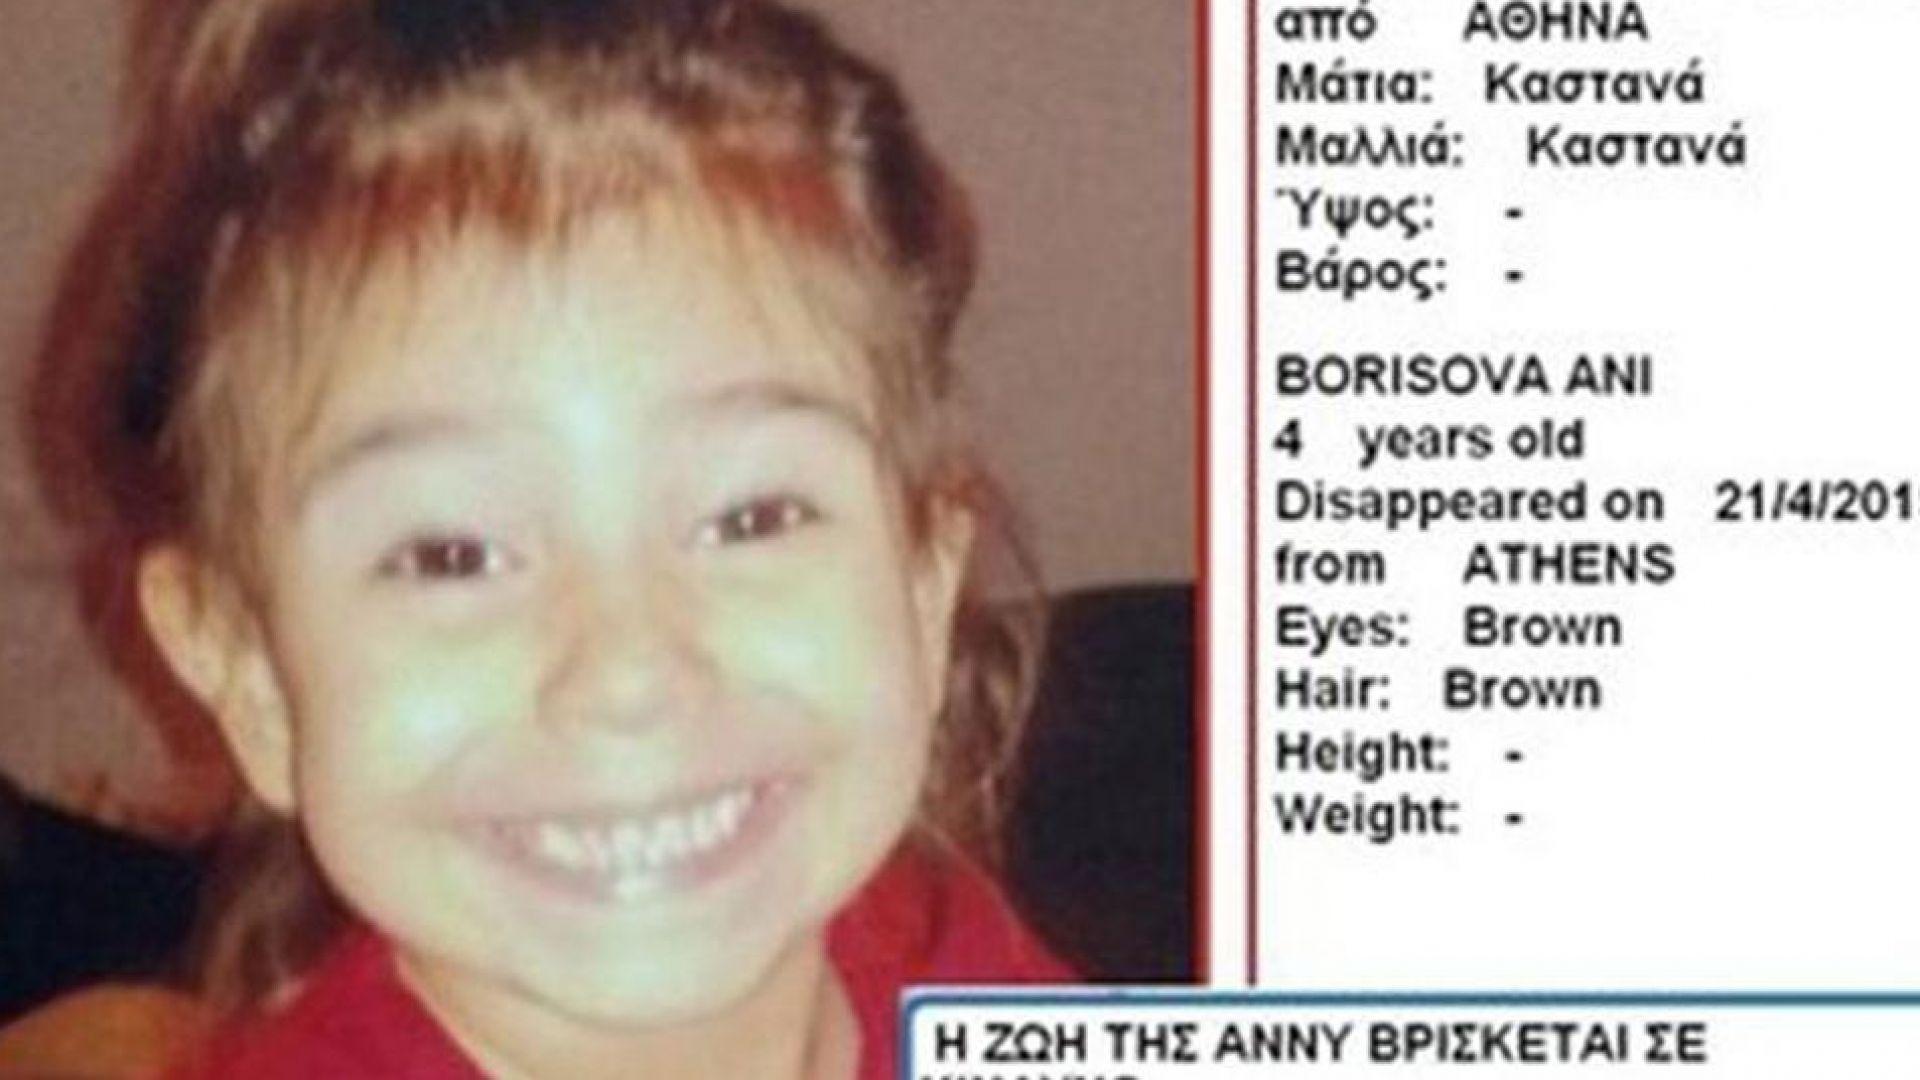 Ужасните спомени от убийството на 4-годишната Ани Борисова в гръцката